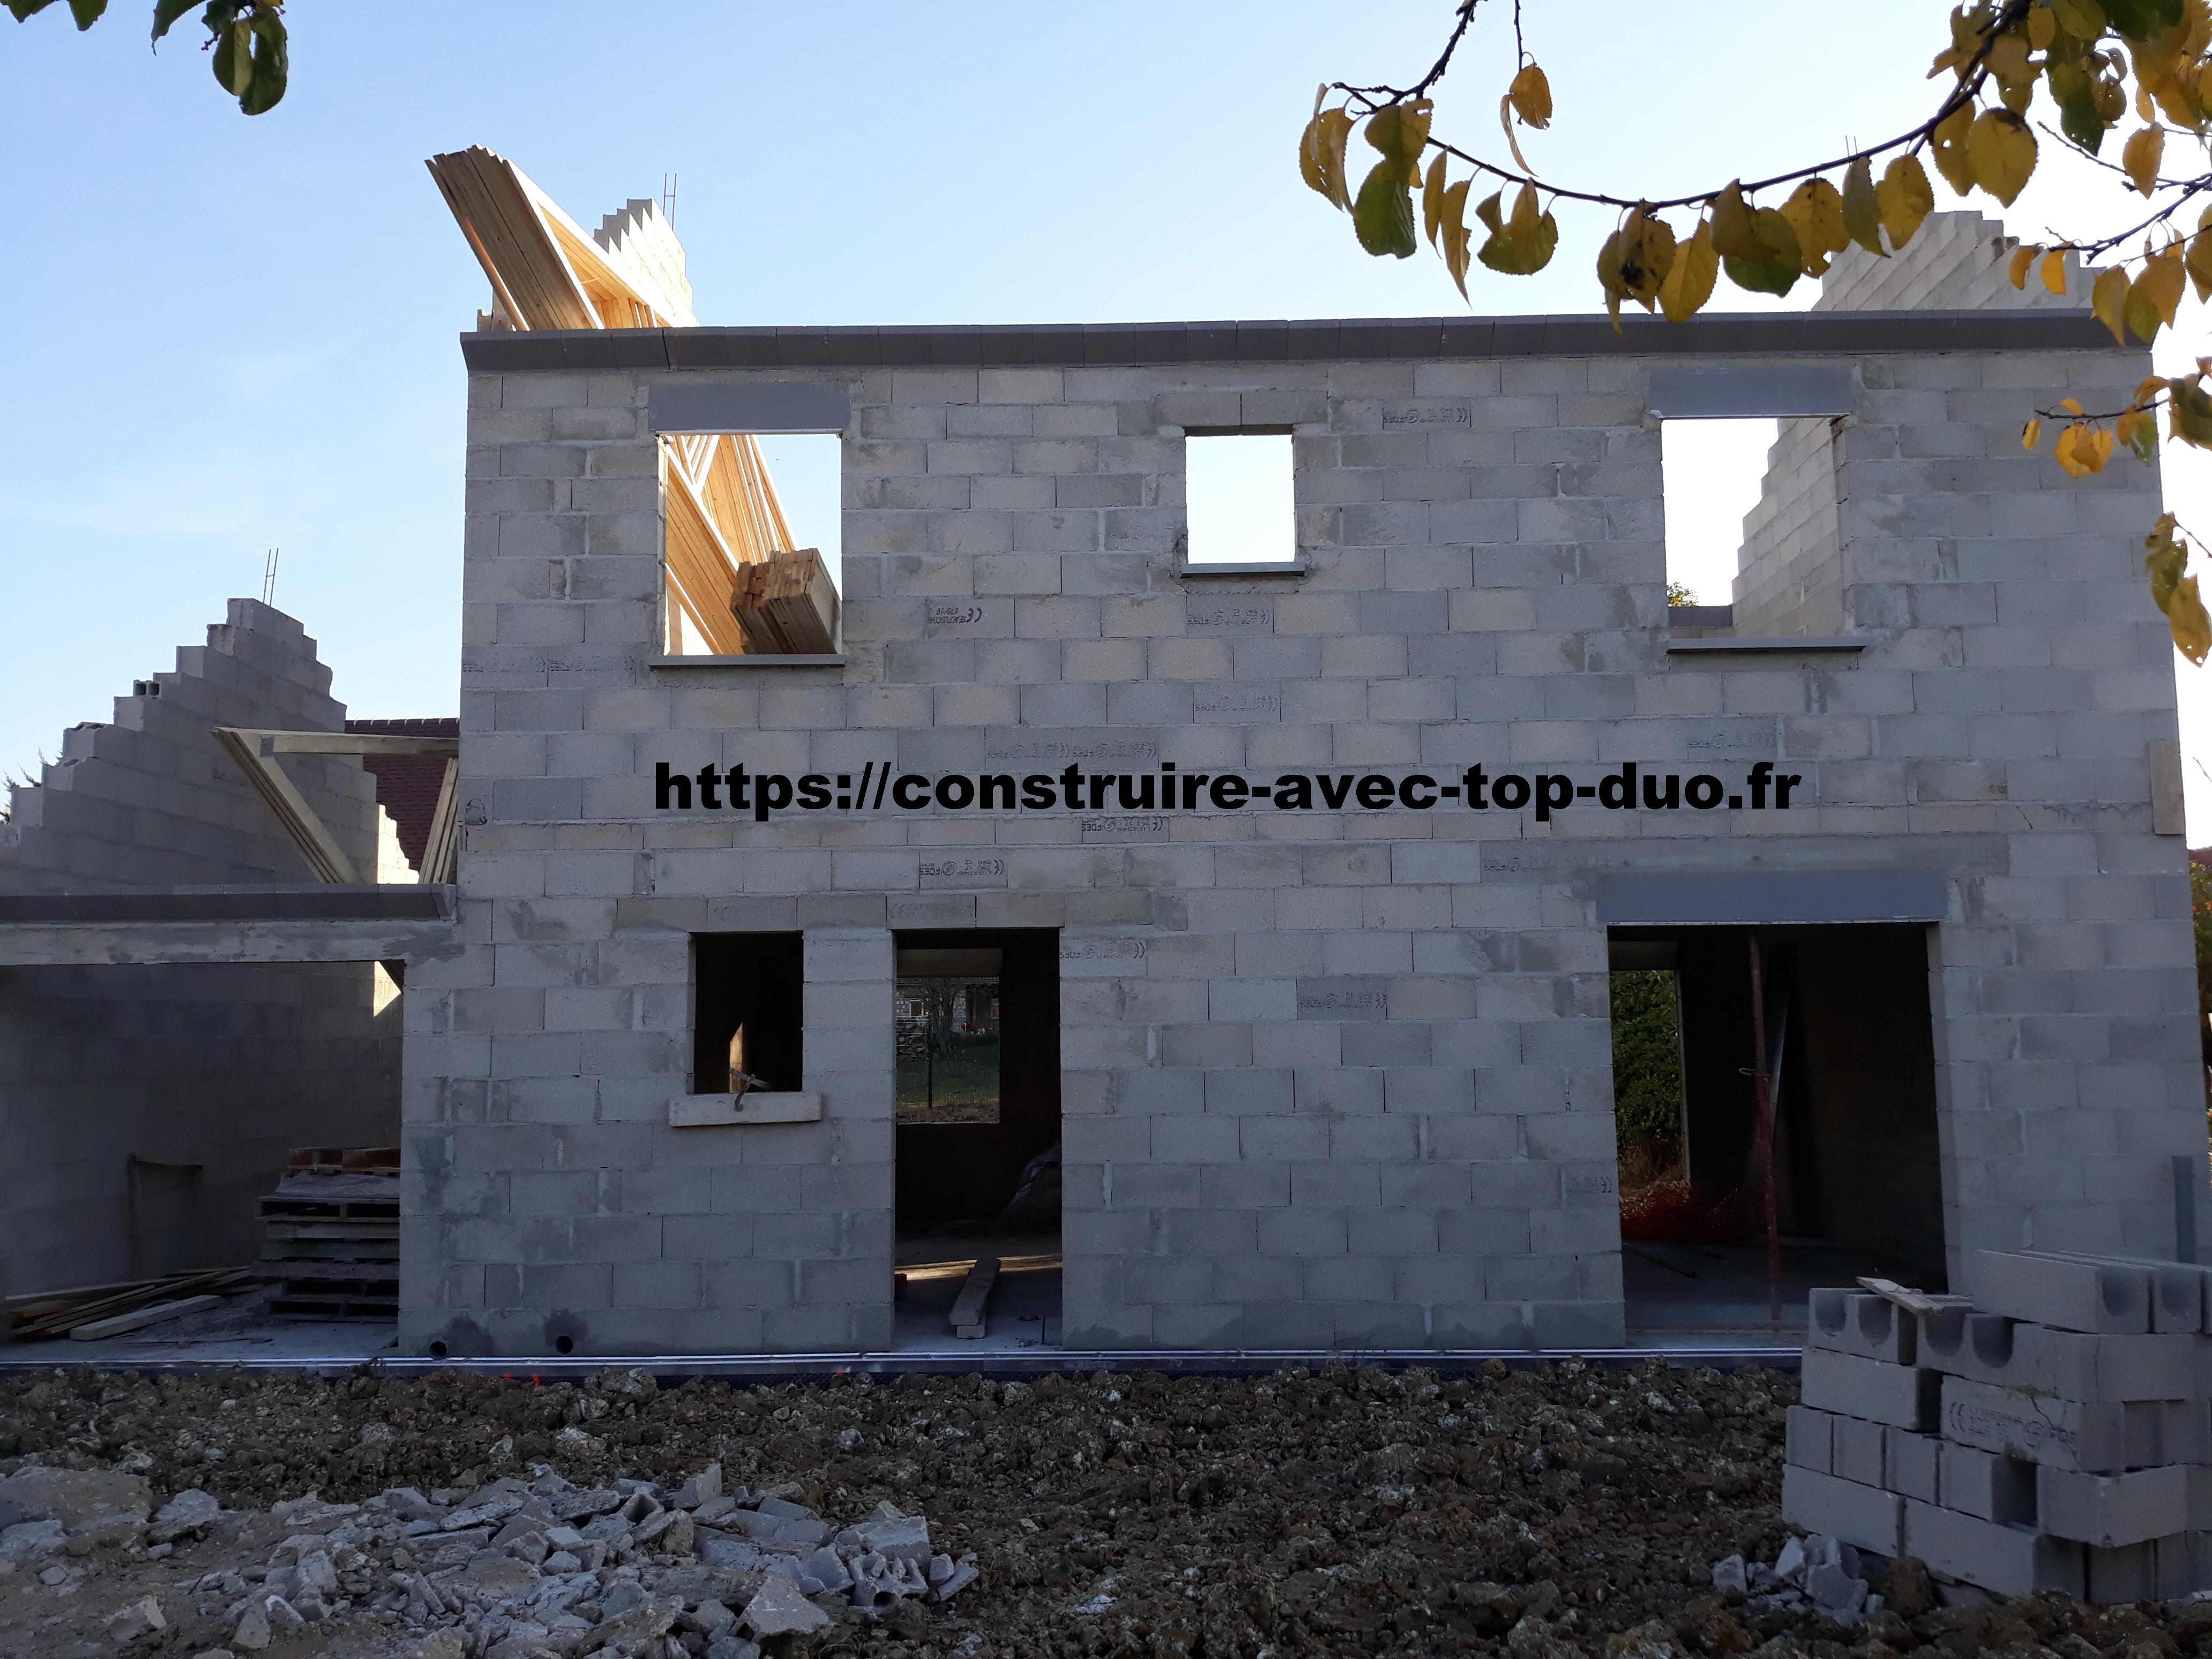 Livraison-charpente-Maison-TOP-DUO-AST-GROUPE-2